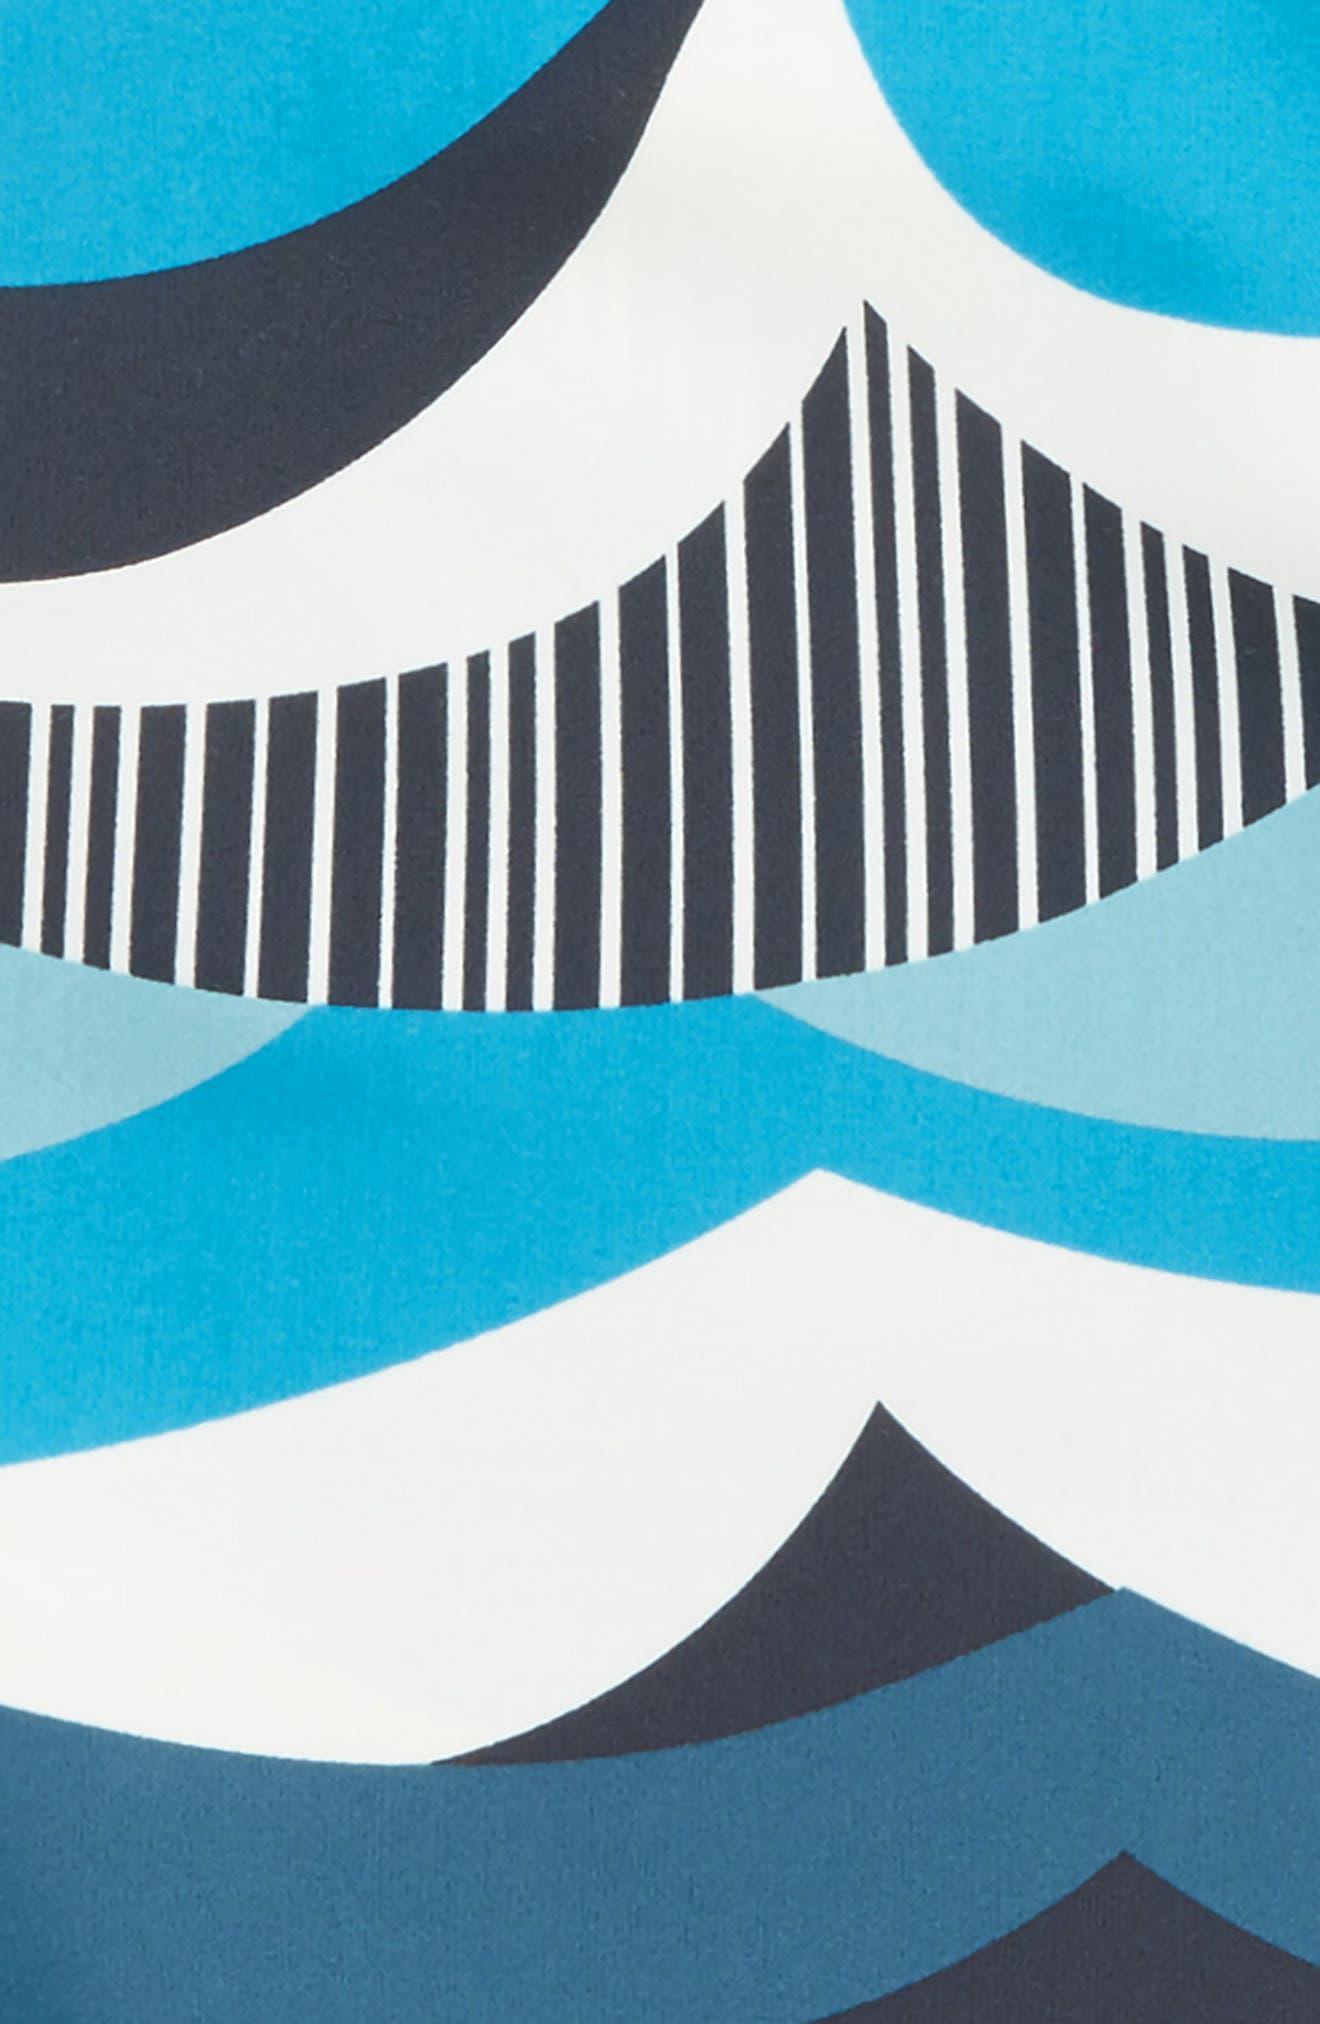 Make Waves Rashguard,                             Alternate thumbnail 2, color,                             411